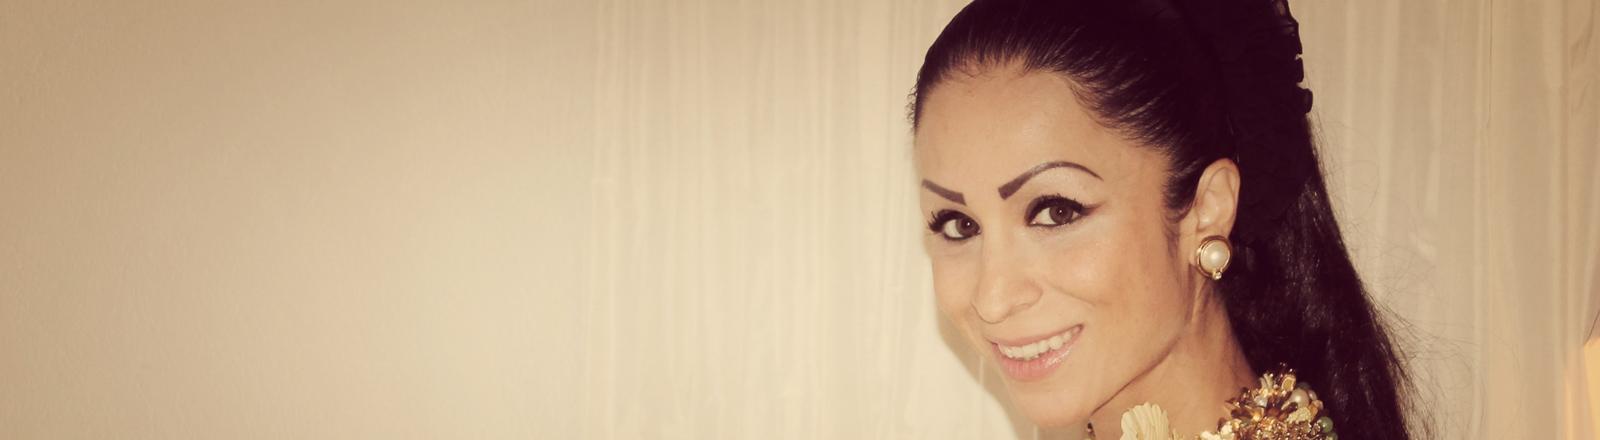 Die Sportmanagerin Samira Samii